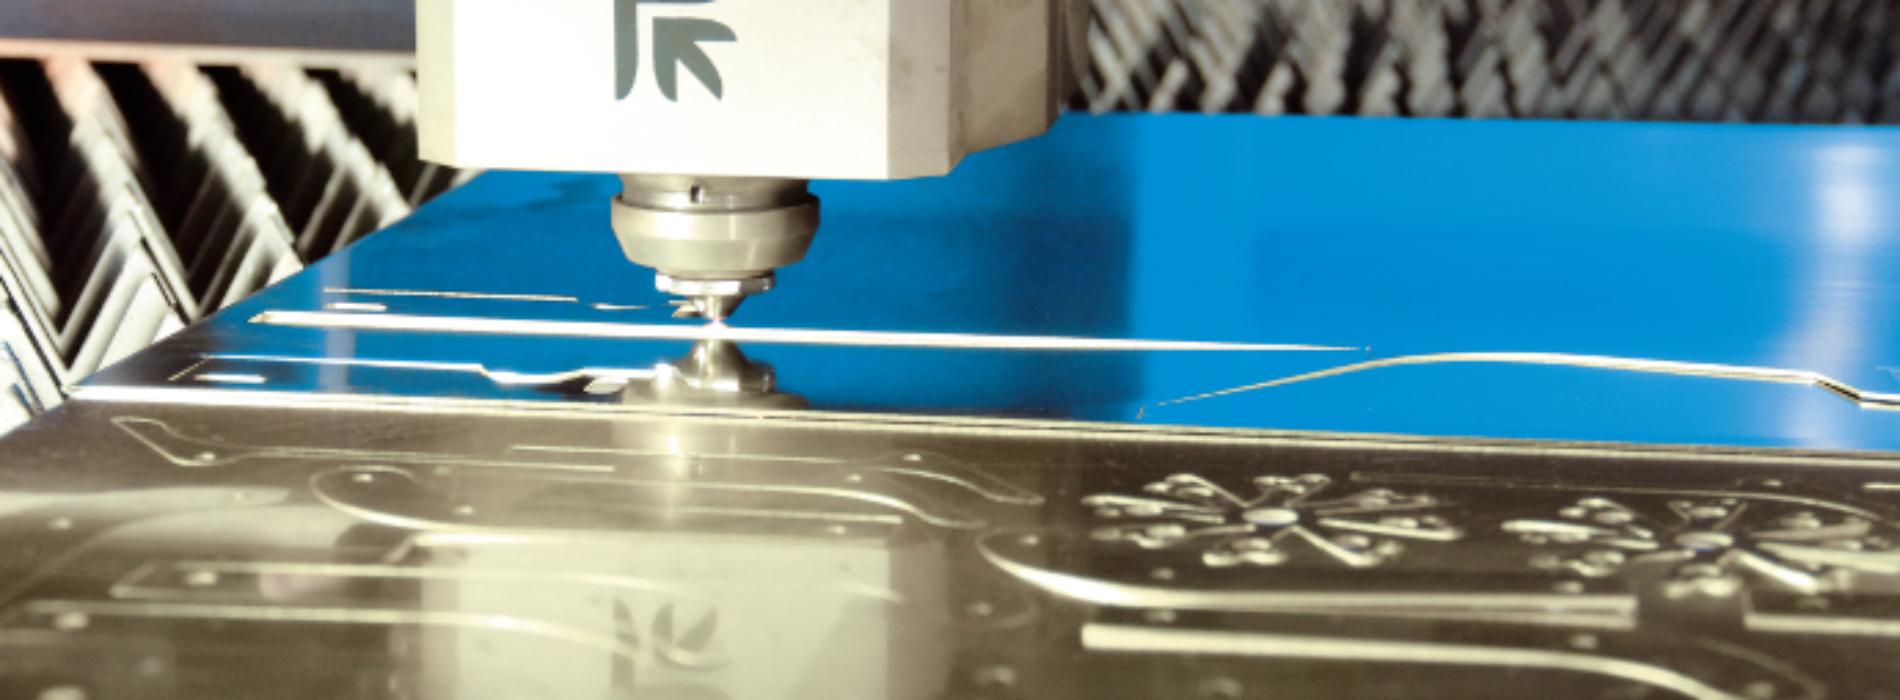 Sterowniki maszyn CNC – jakie rodzaje możemy wyróżnić?